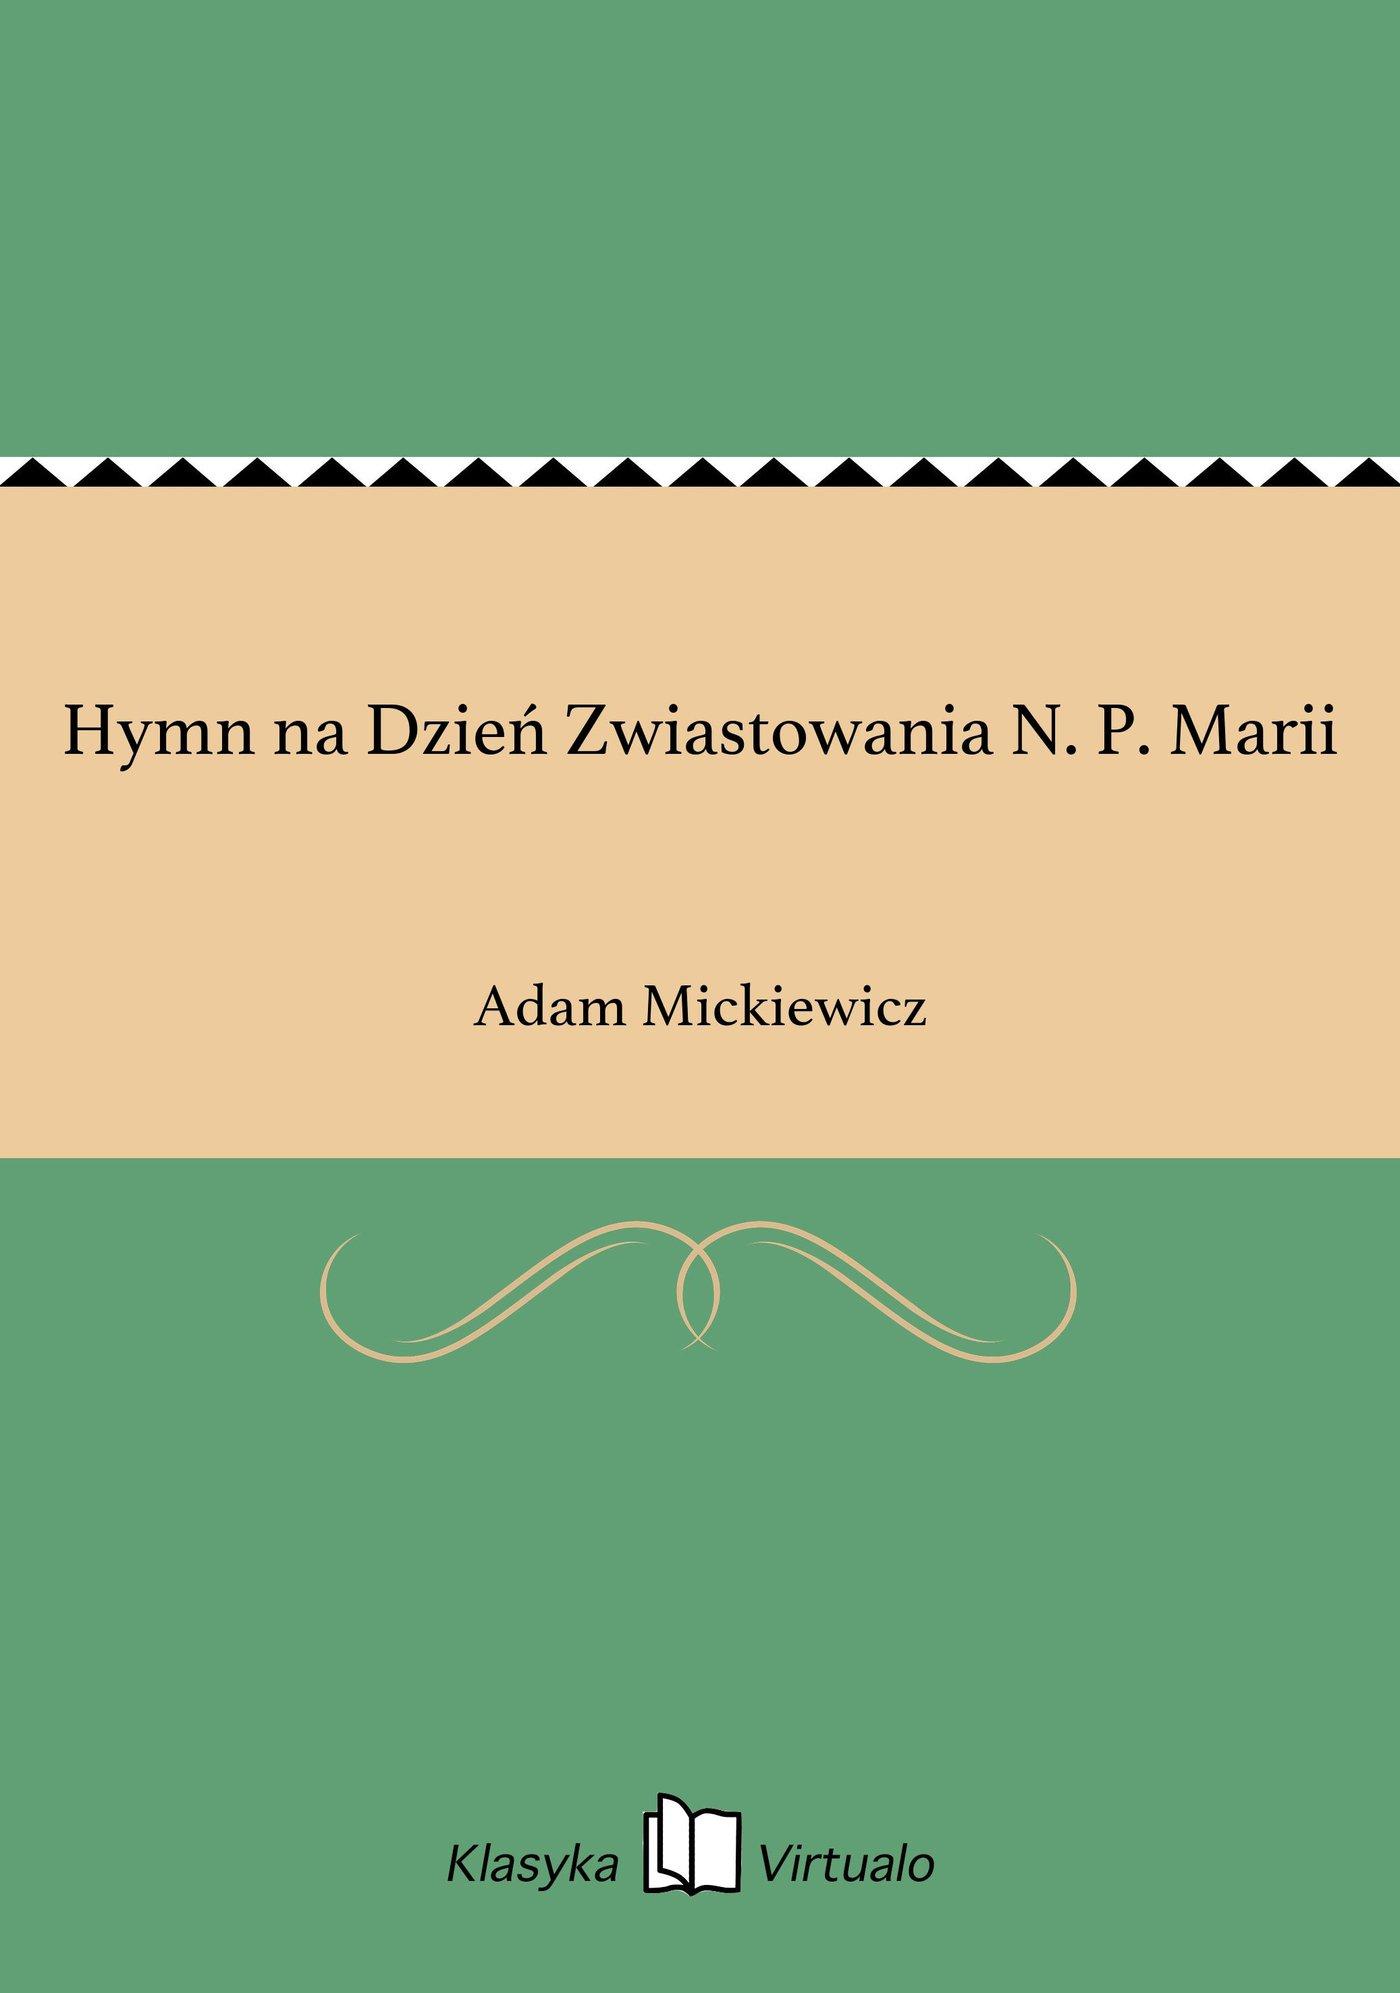 Hymn na Dzień Zwiastowania N. P. Marii - Ebook (Książka EPUB) do pobrania w formacie EPUB